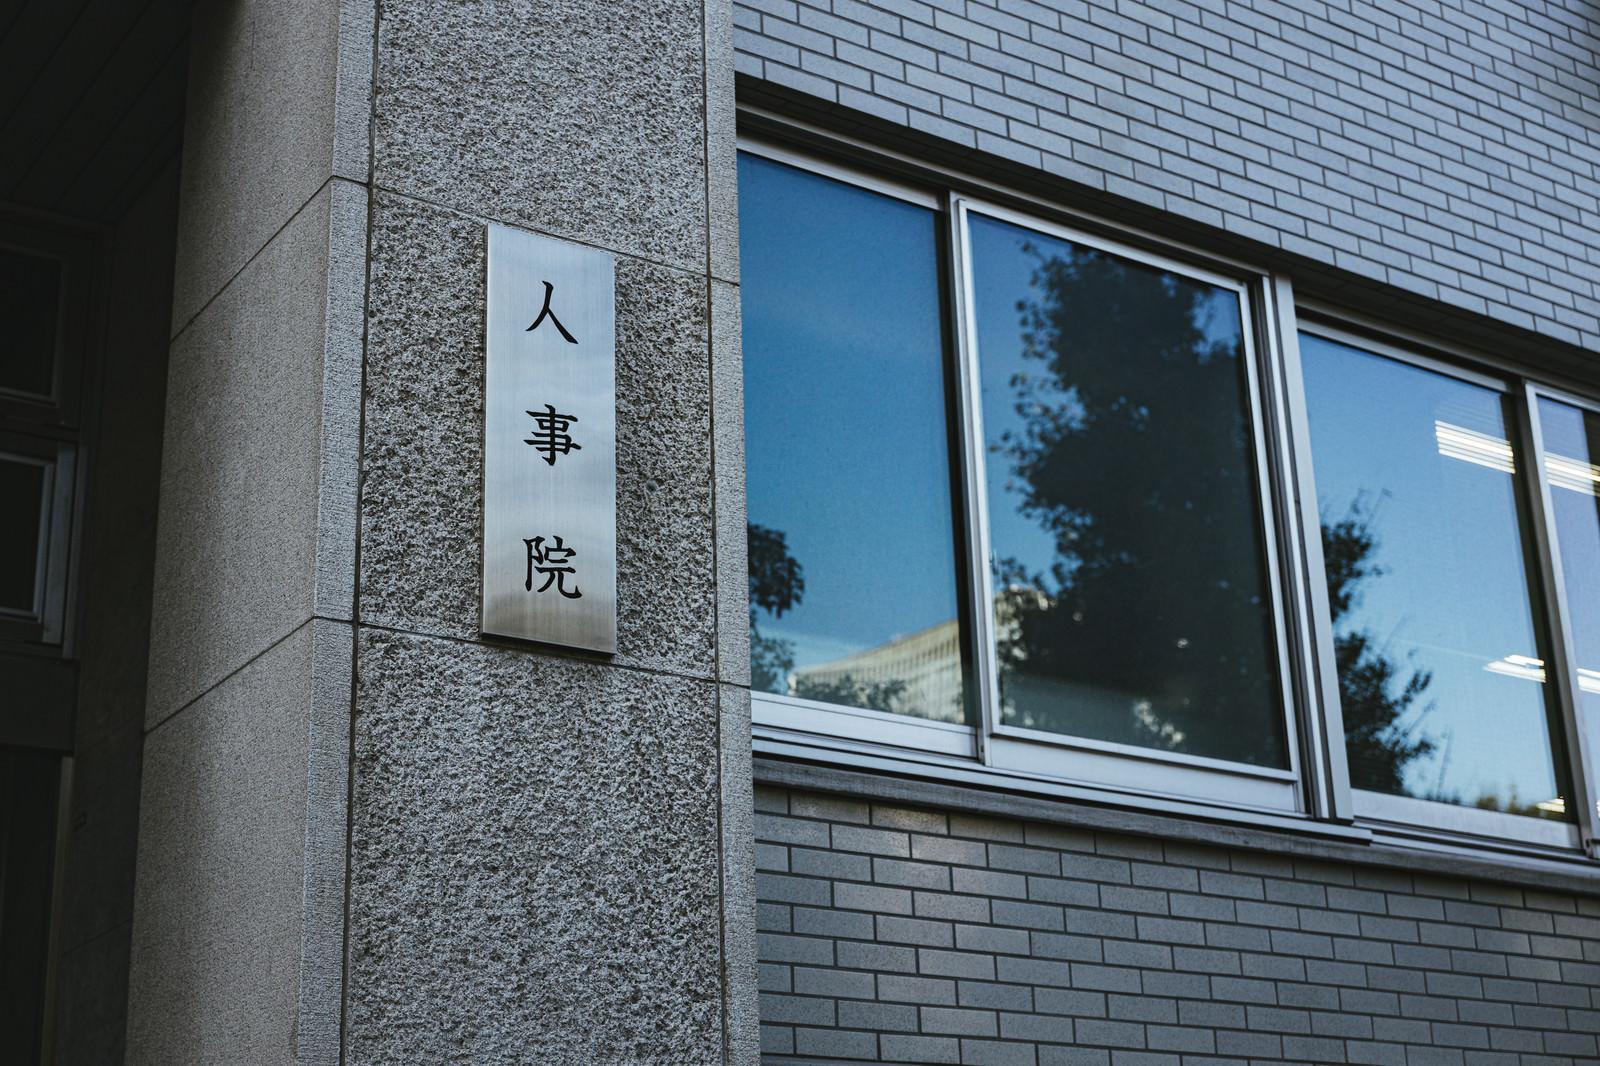 「人事院の銘板」の写真